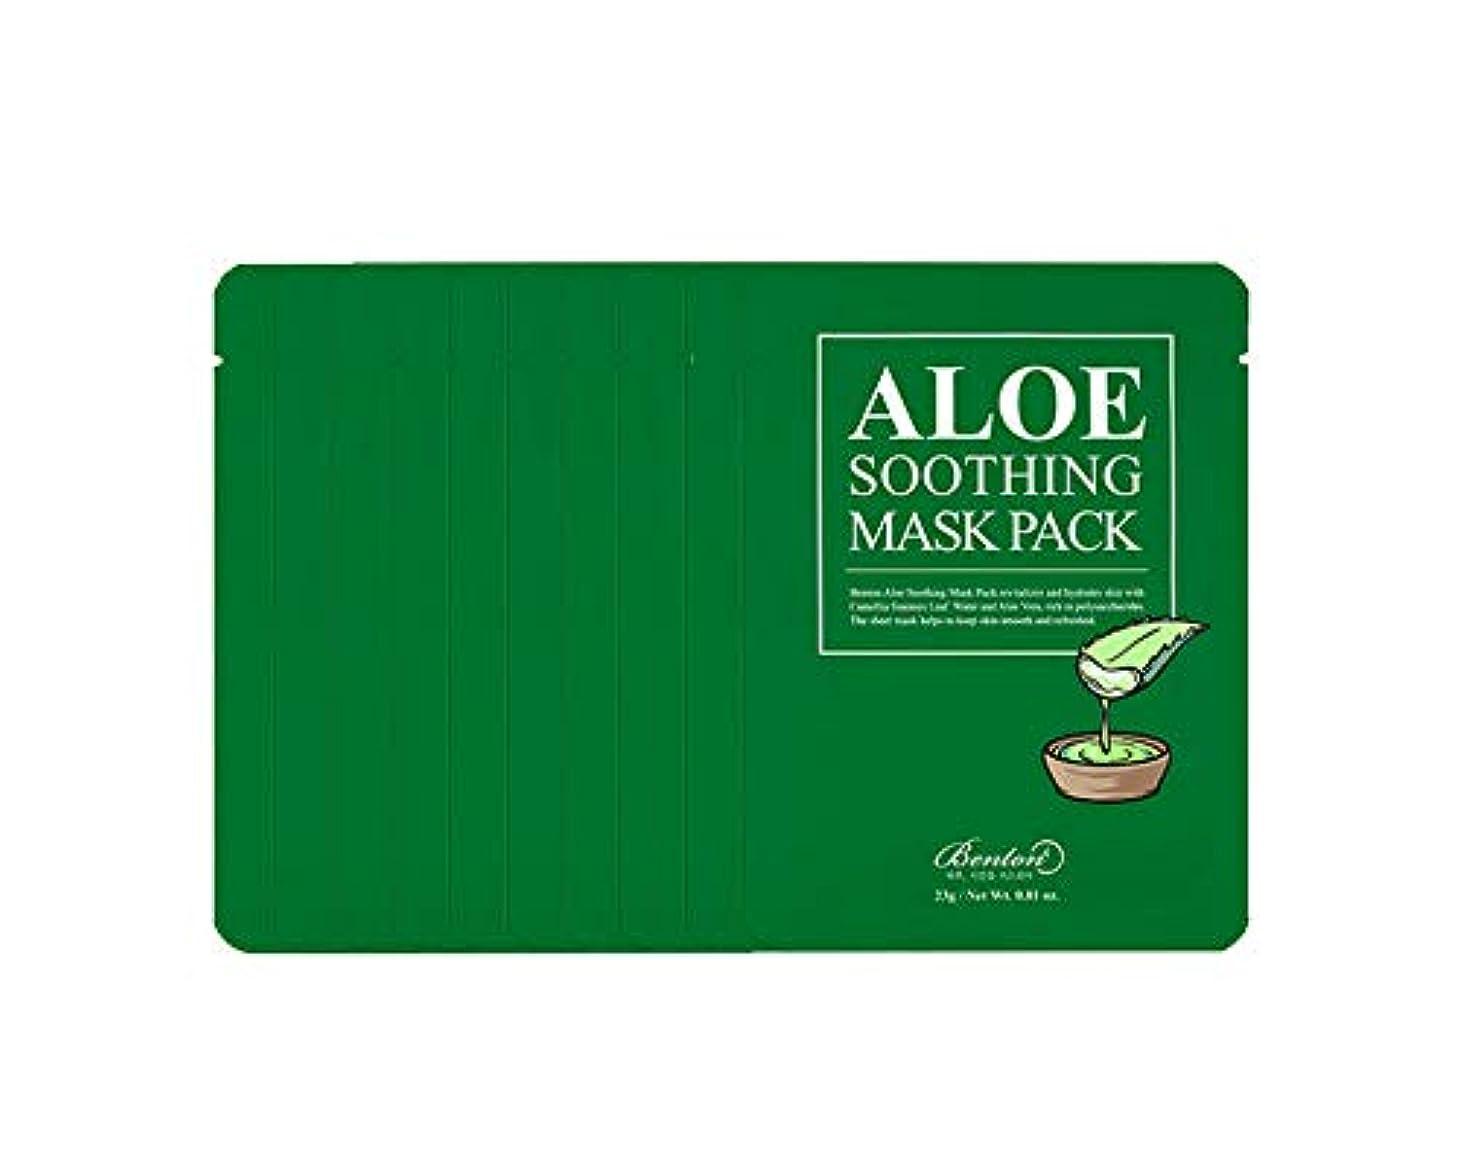 でる計り知れないはい[ベントン] アロエスージングマスクパック Benton Aloe Soothing Mask Pack 10 Sheets [並行輸入品]